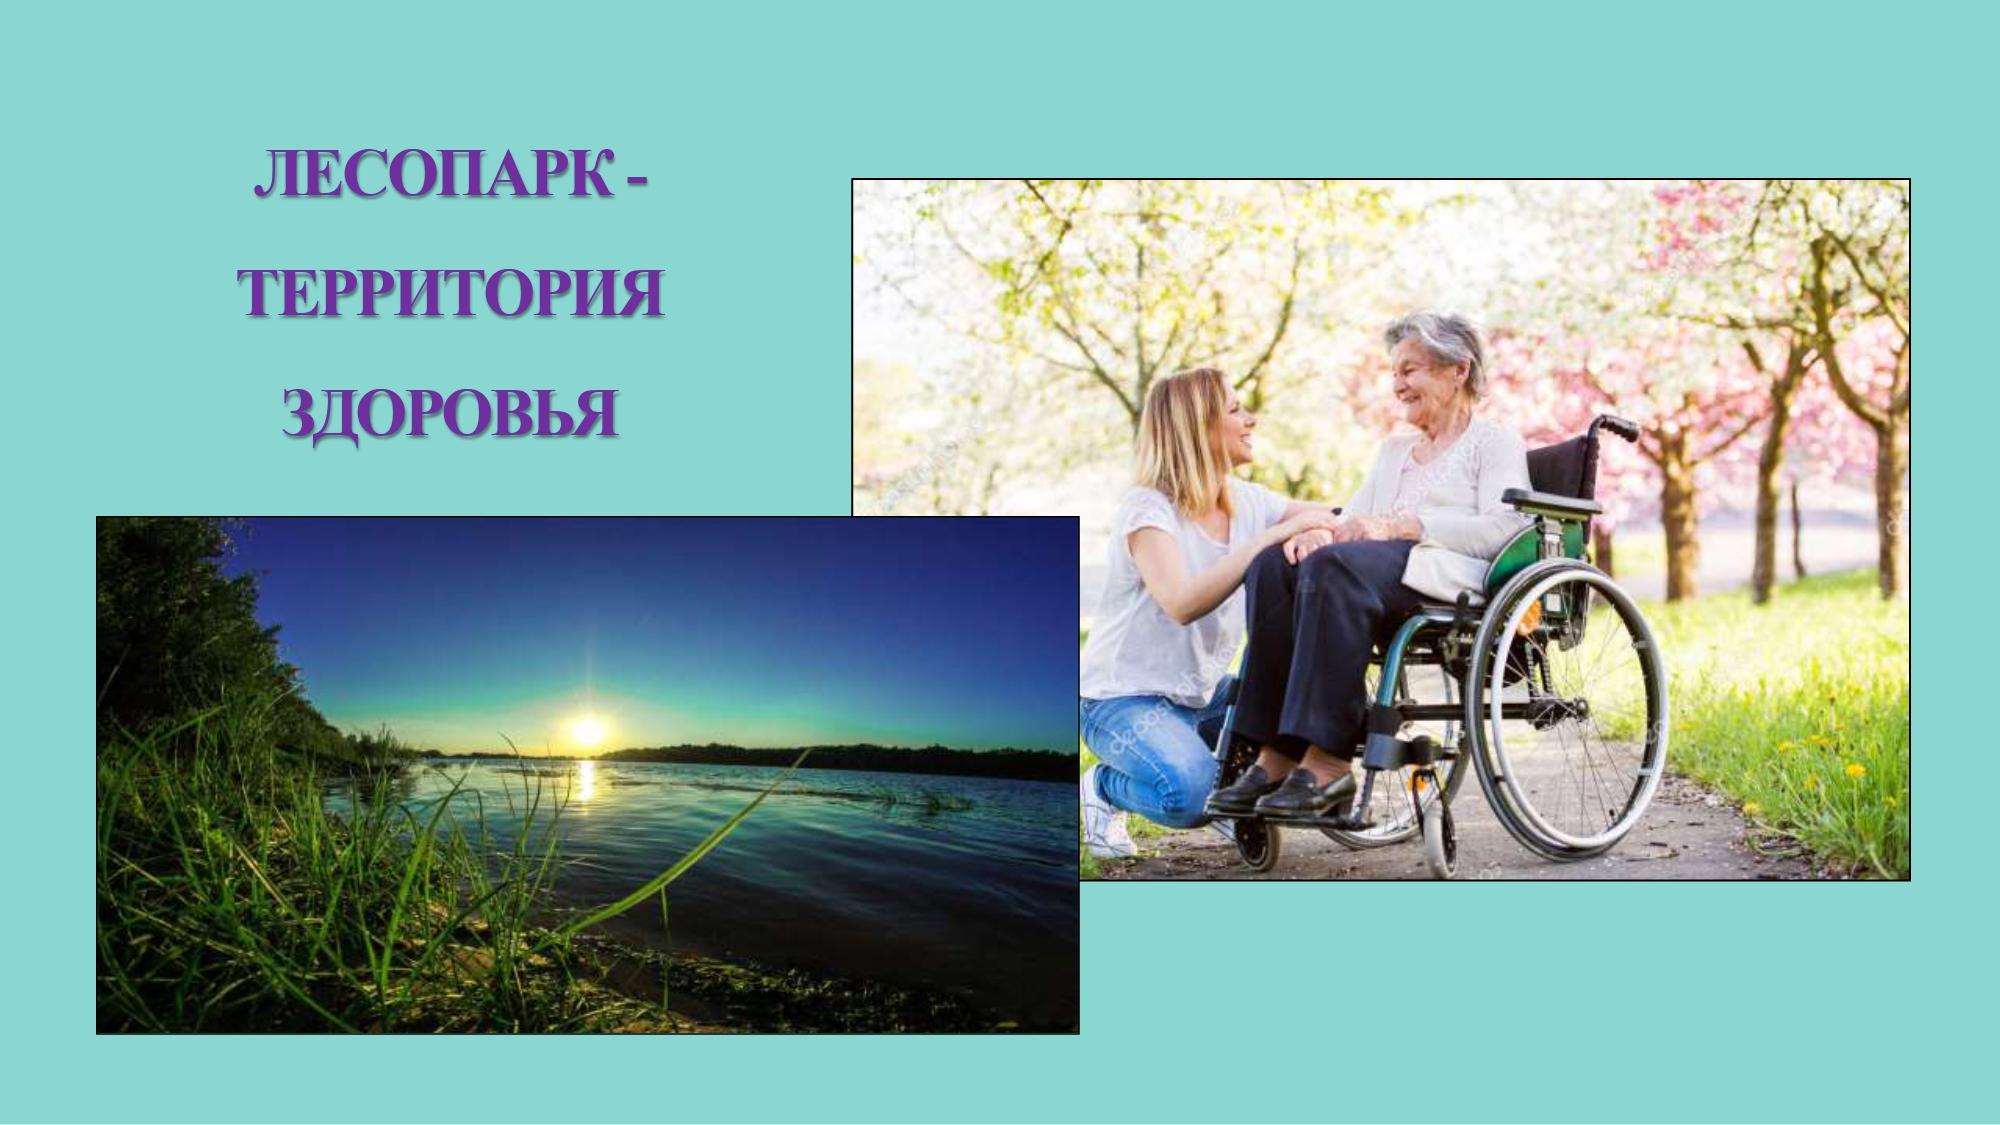 Виолетта Чёрная предложила объединить проекты регионов России, связанные с возрождением дубрав